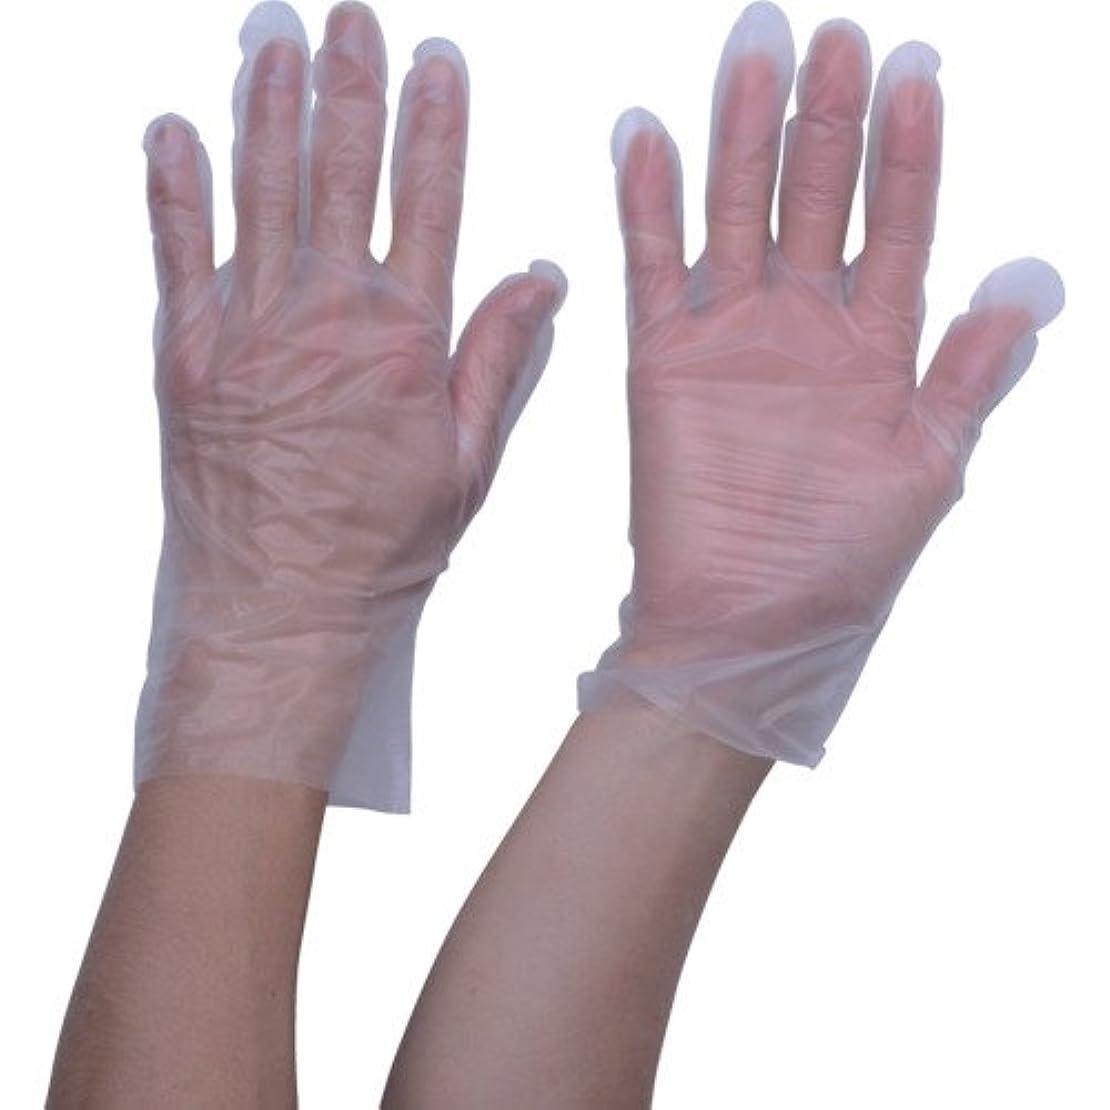 ハント階層見物人TRUSCO ポリエチレン 使い捨て手袋 ウェーブカットタイプS (100枚入)(入数:100枚) TGCPE025S